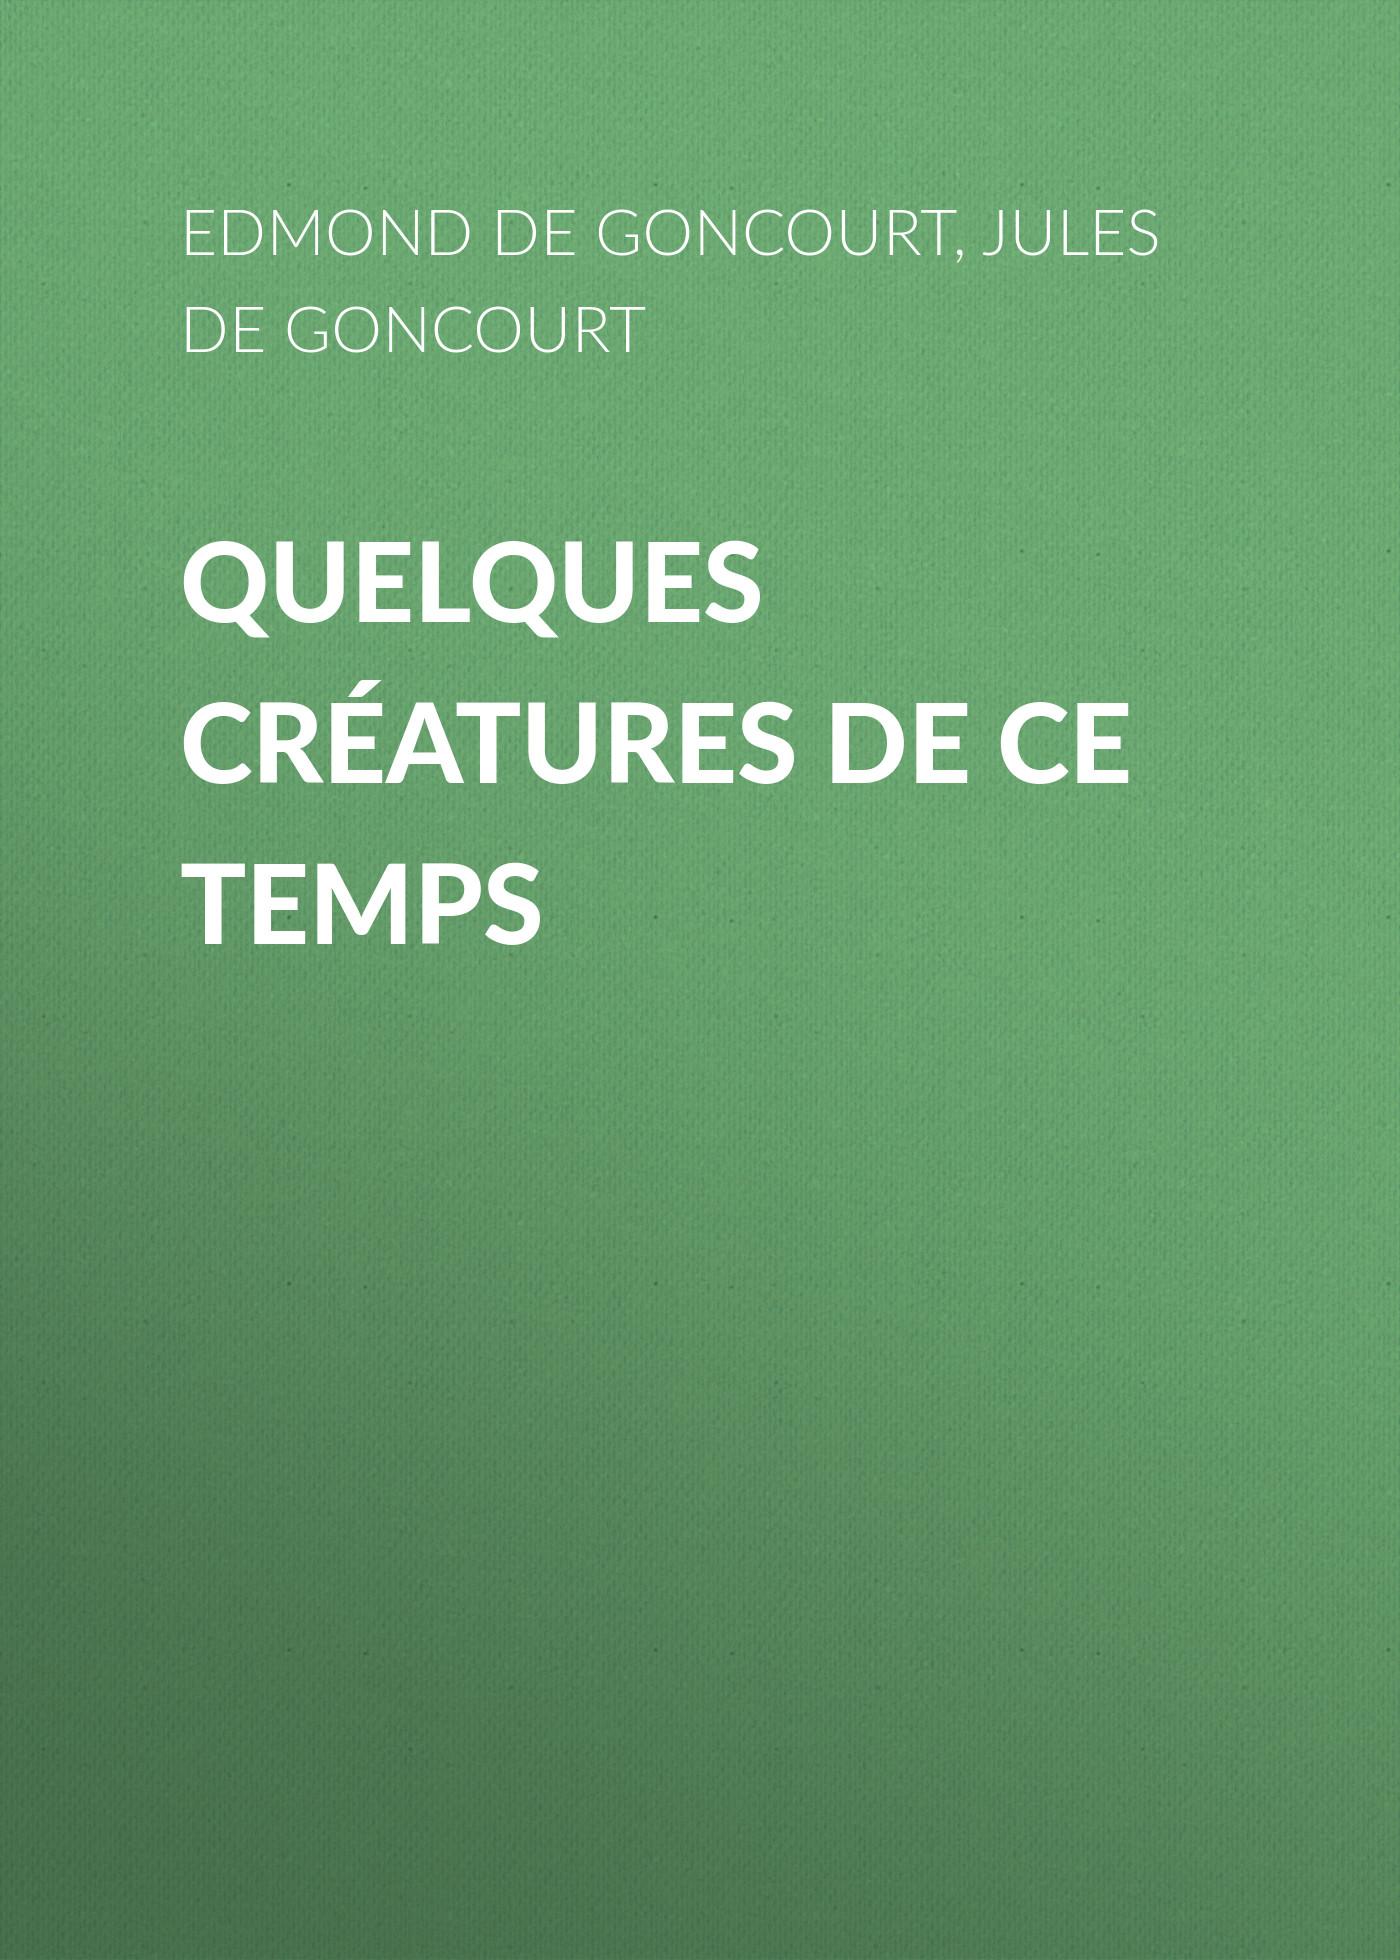 Edmond de Goncourt Quelques créatures de ce temps edmond de goncourt fragonard